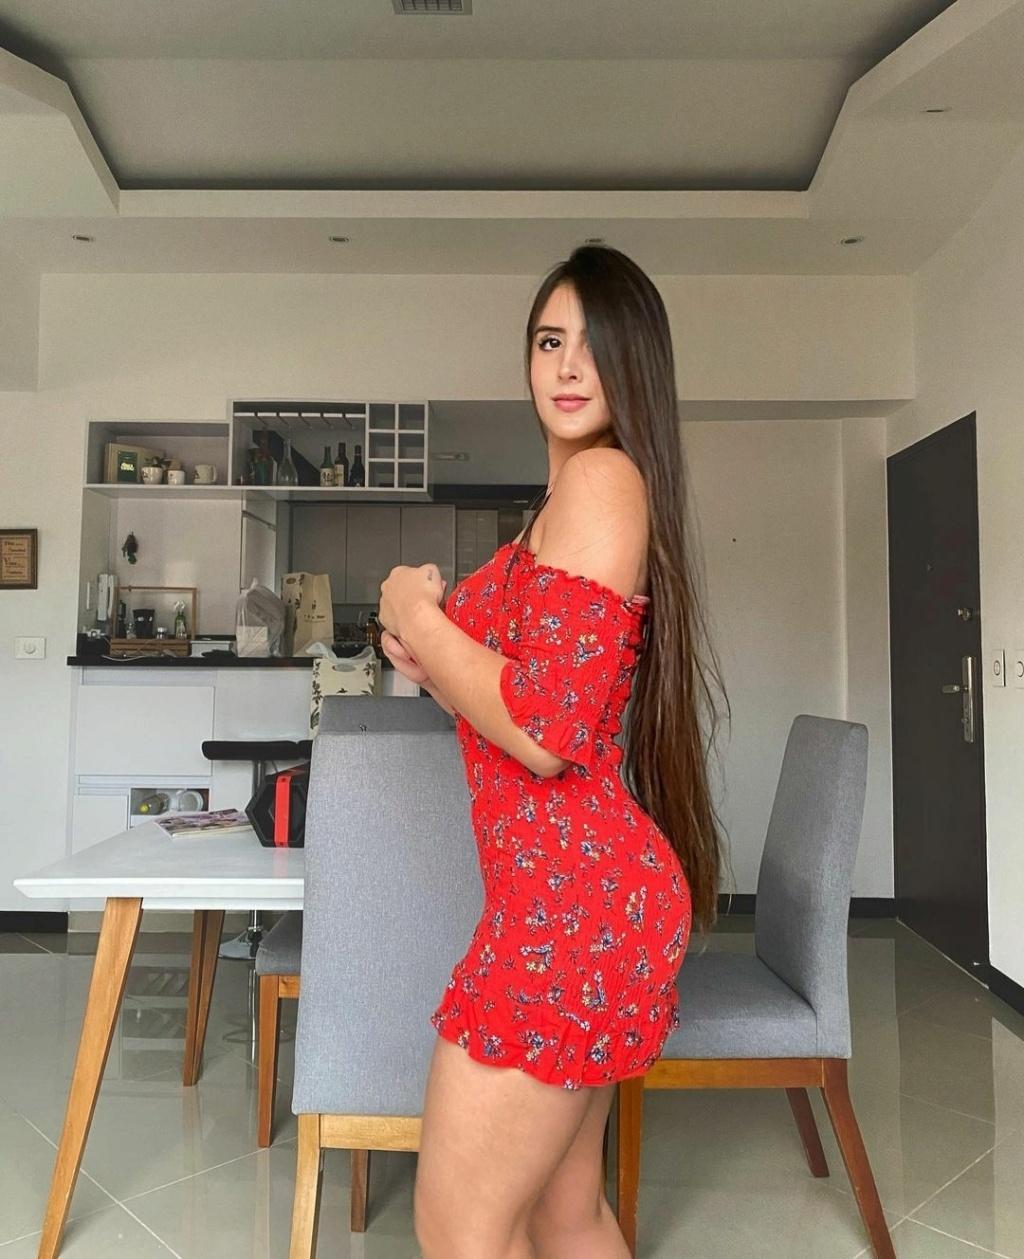 DEBATE sobre belleza, guapura y hermosura (fotos de chicas latinas, mestizas, y de todo) - VOL II - Página 9 Img_1319